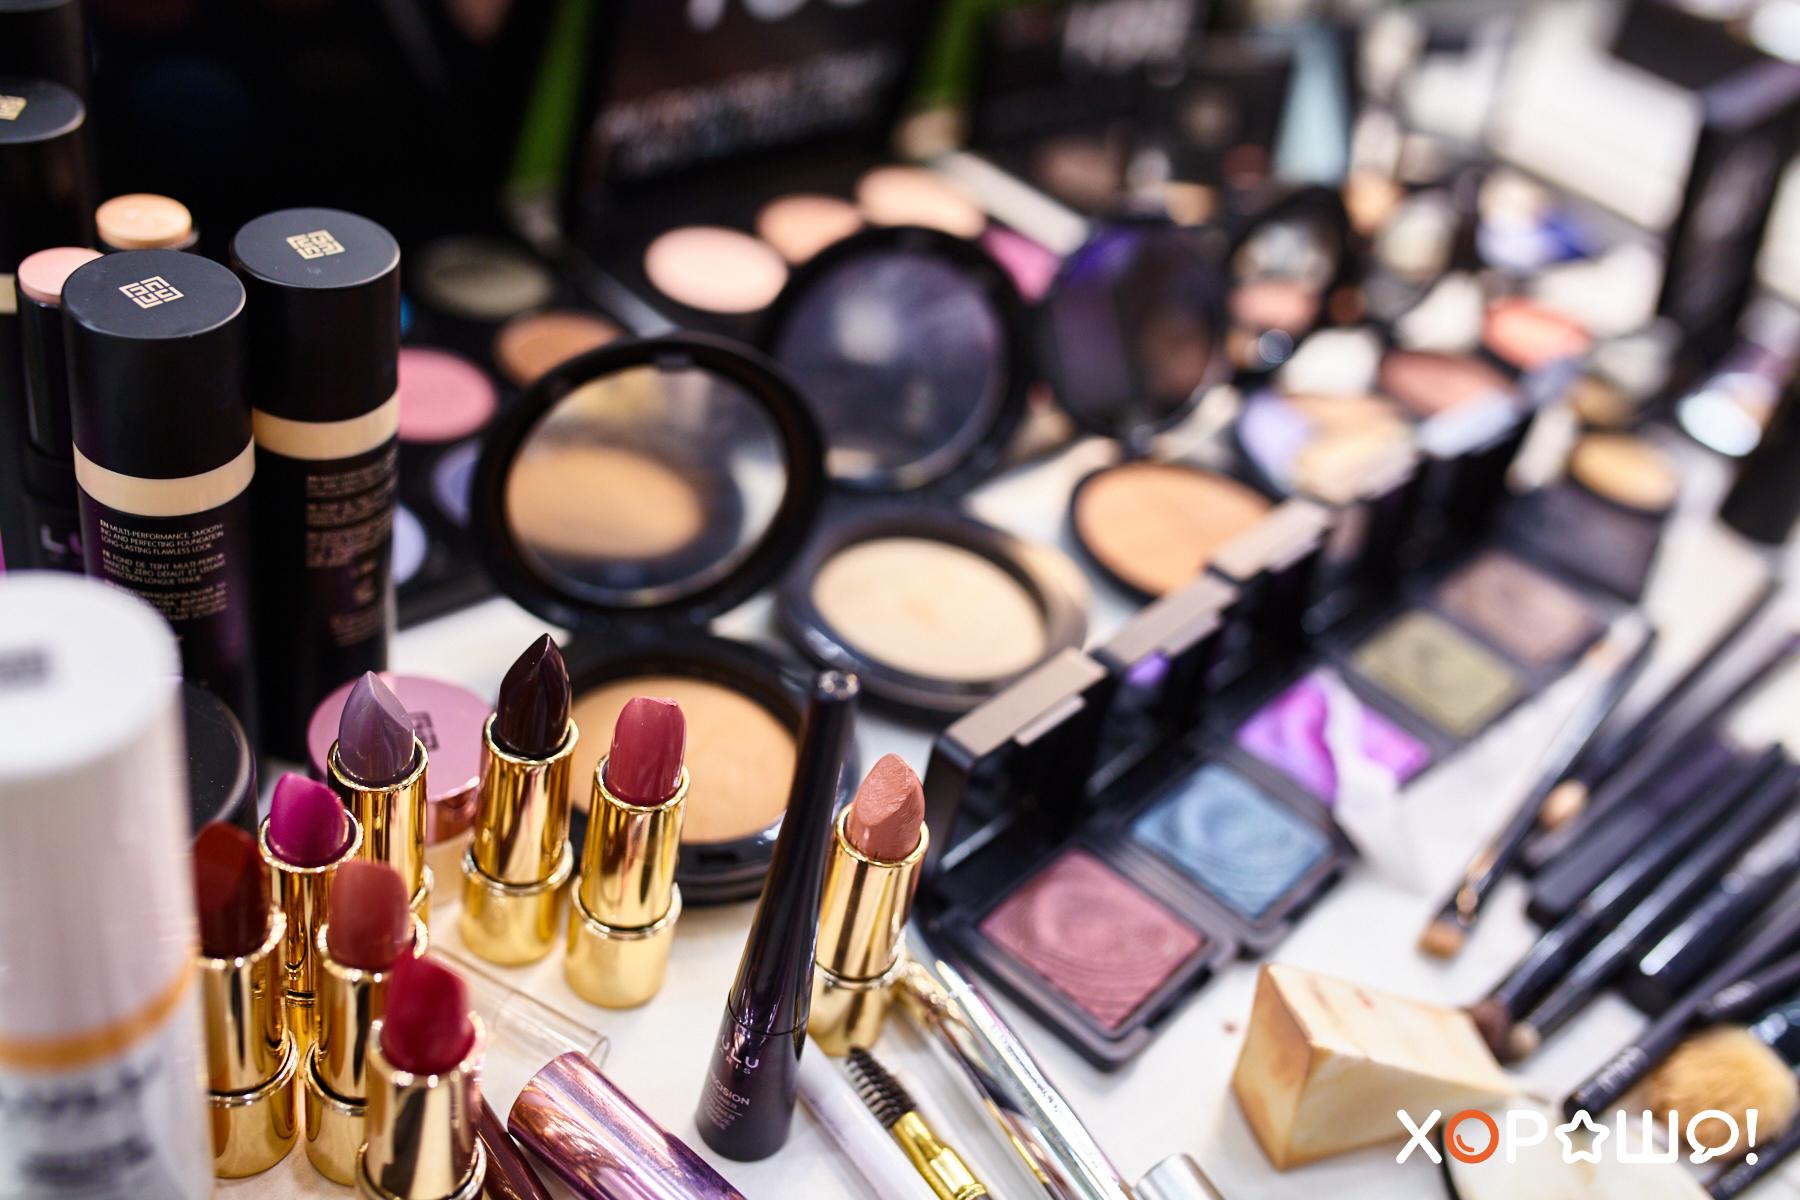 Купить косметику копию брендовой дермахил косметика купить в екатеринбурге